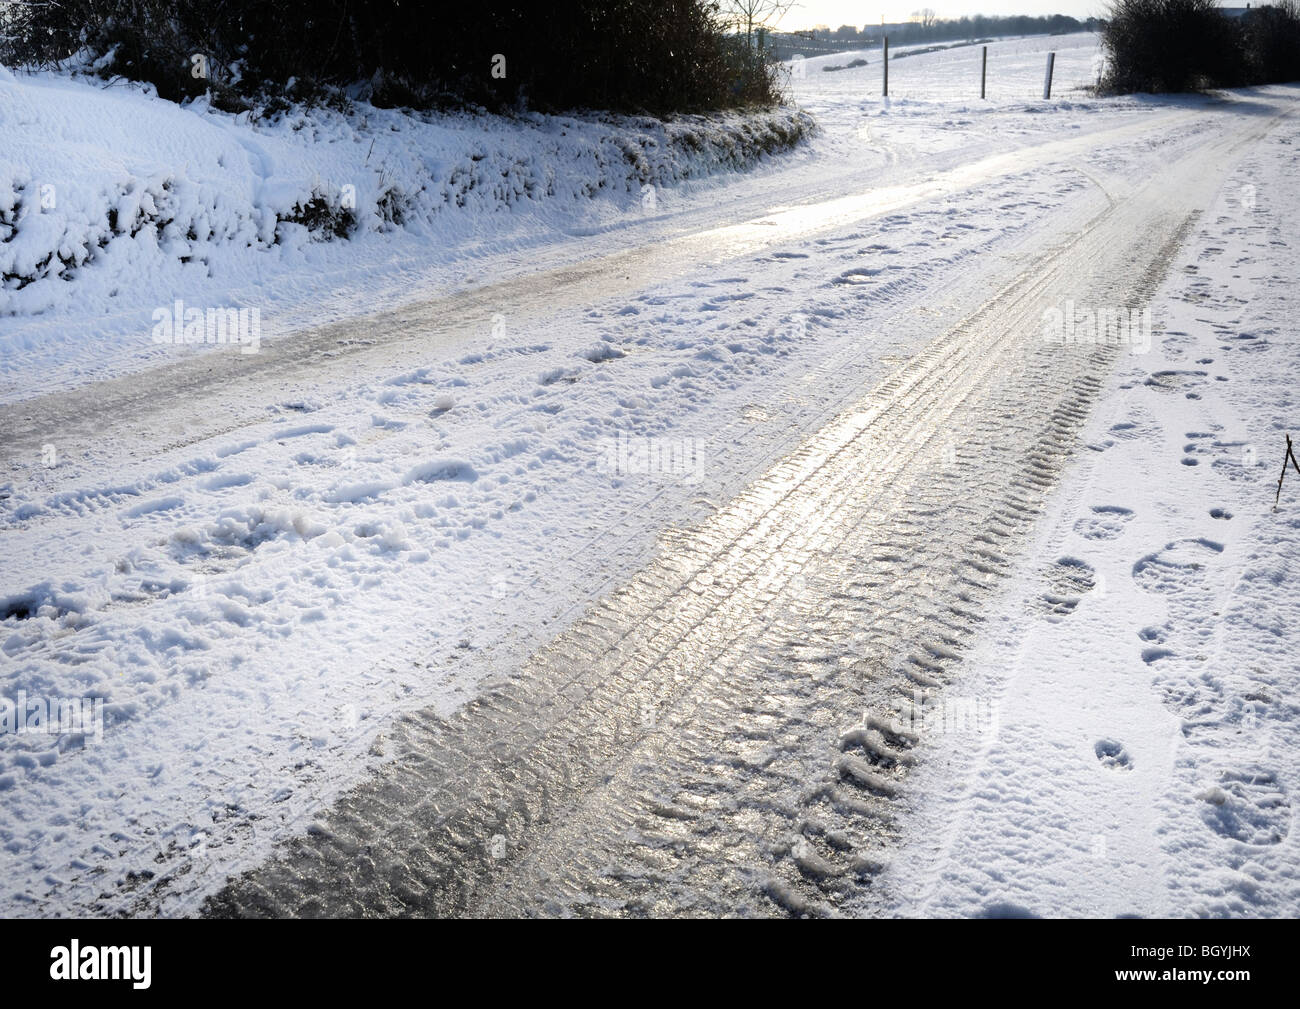 Black ice creates hazardous conditions for drivers - Stock Image